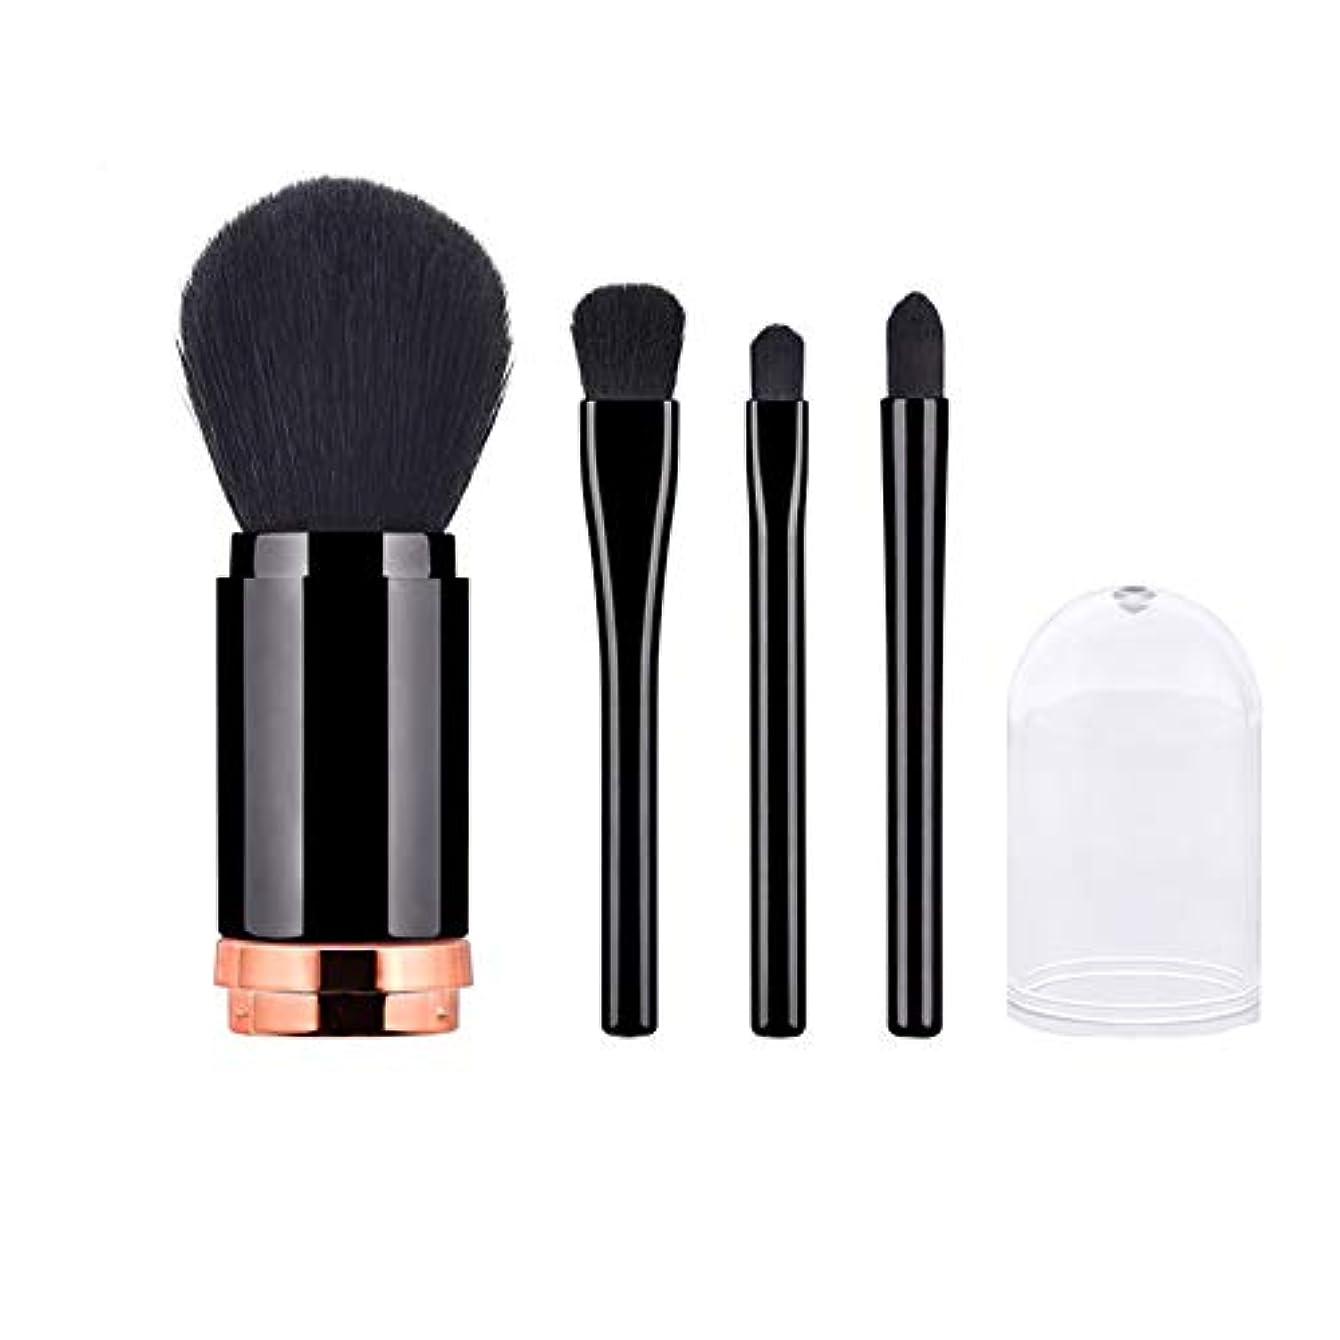 オペレーターうめき声幸運な1女性に付き4引き込み式の柔らかい基礎粉の構造のブラシ化粧品用具 - 黒